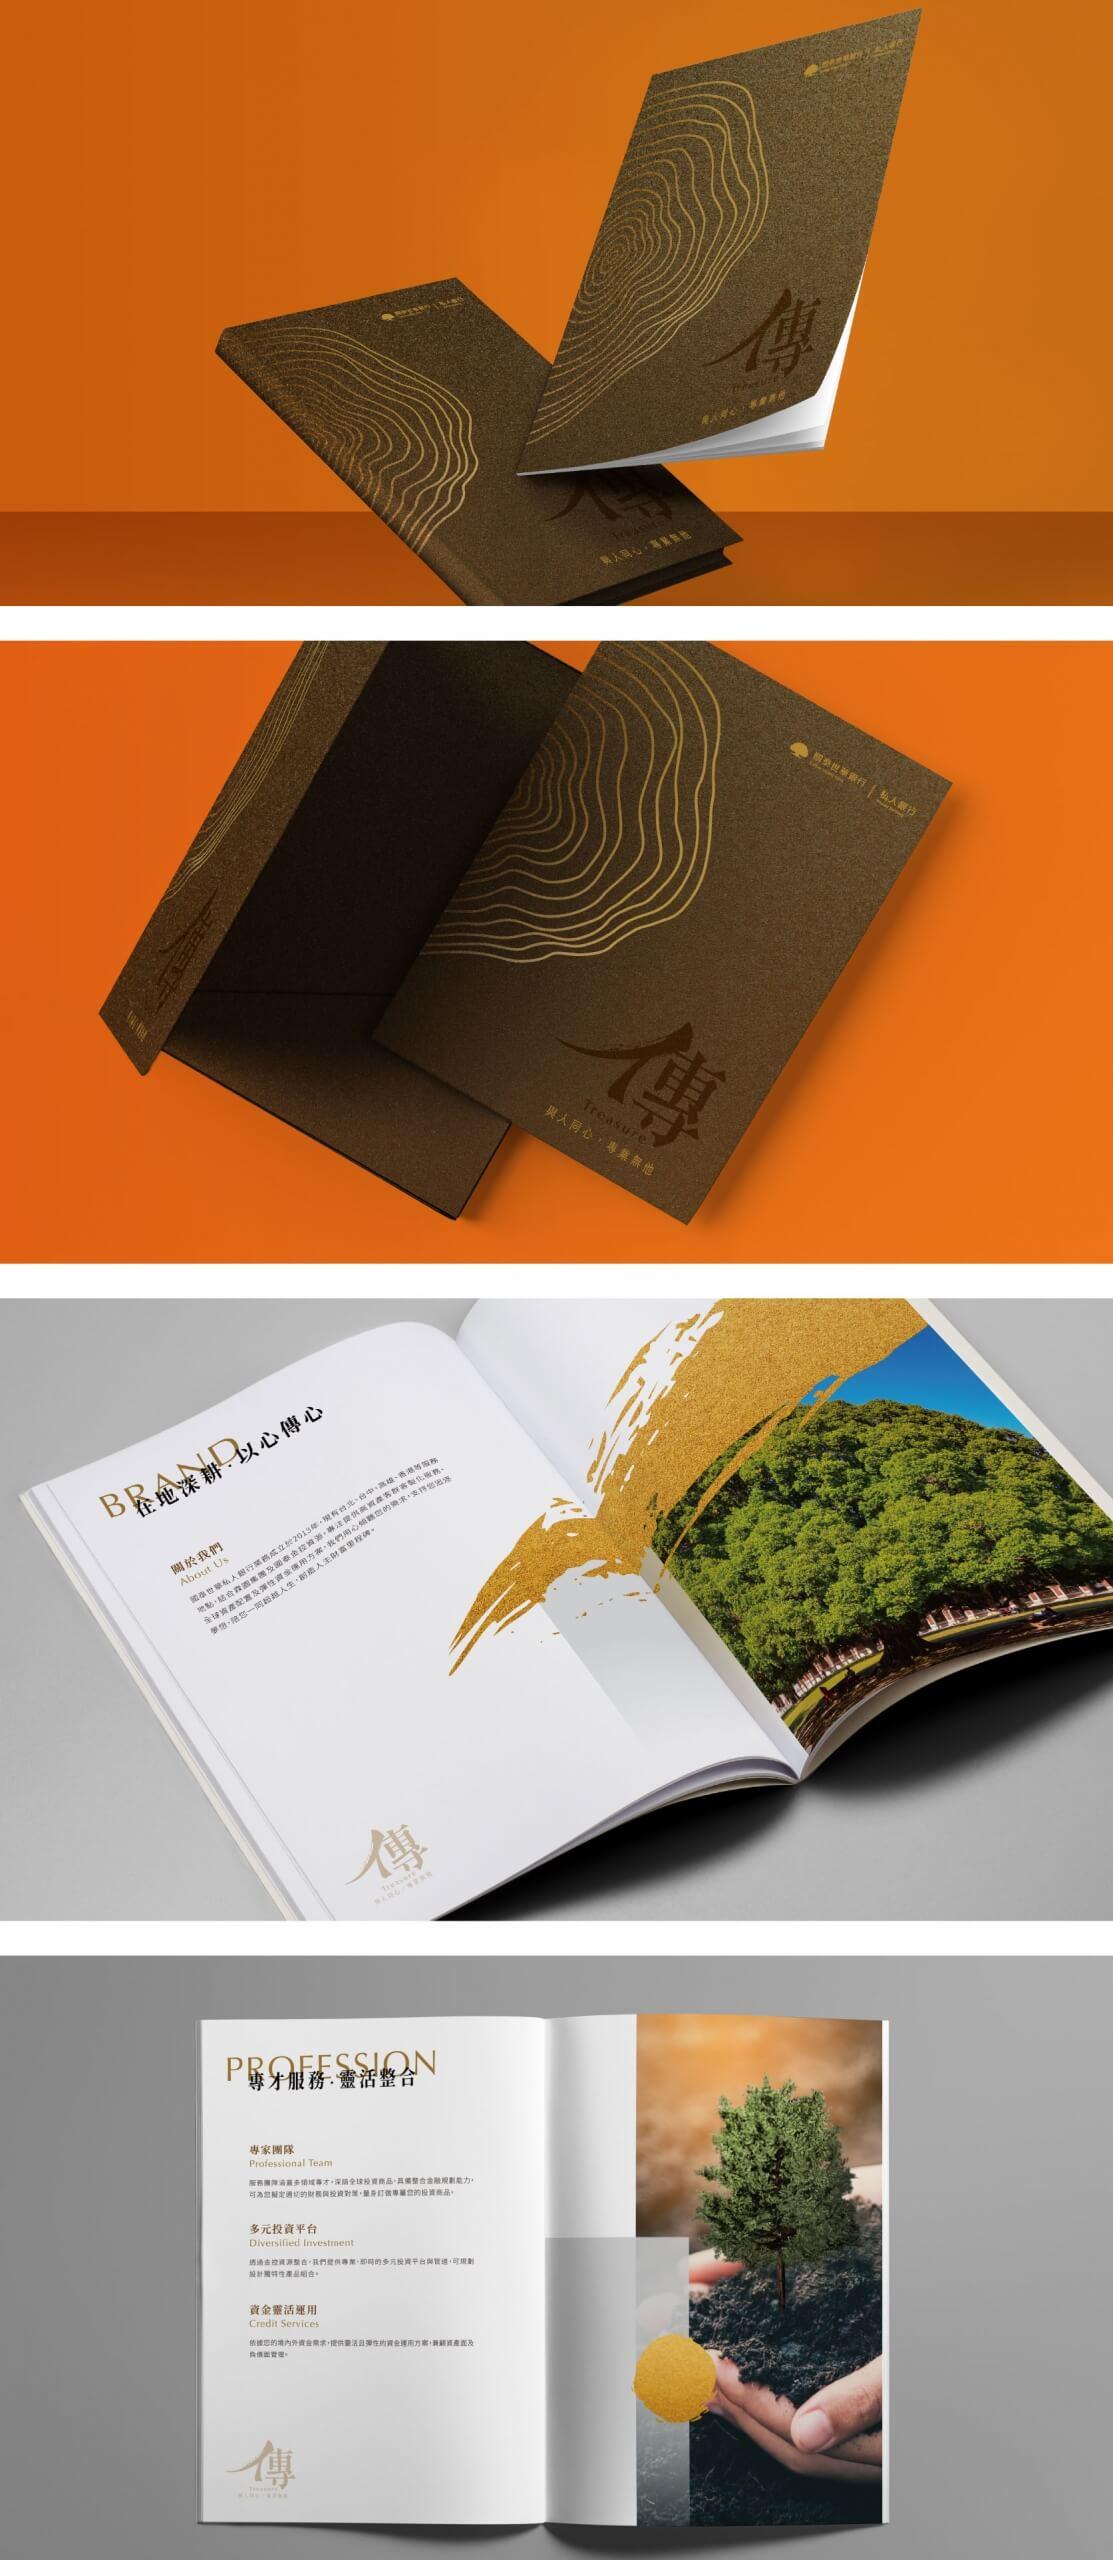 國泰世華銀行 平面視覺規劃設計 型錄設計